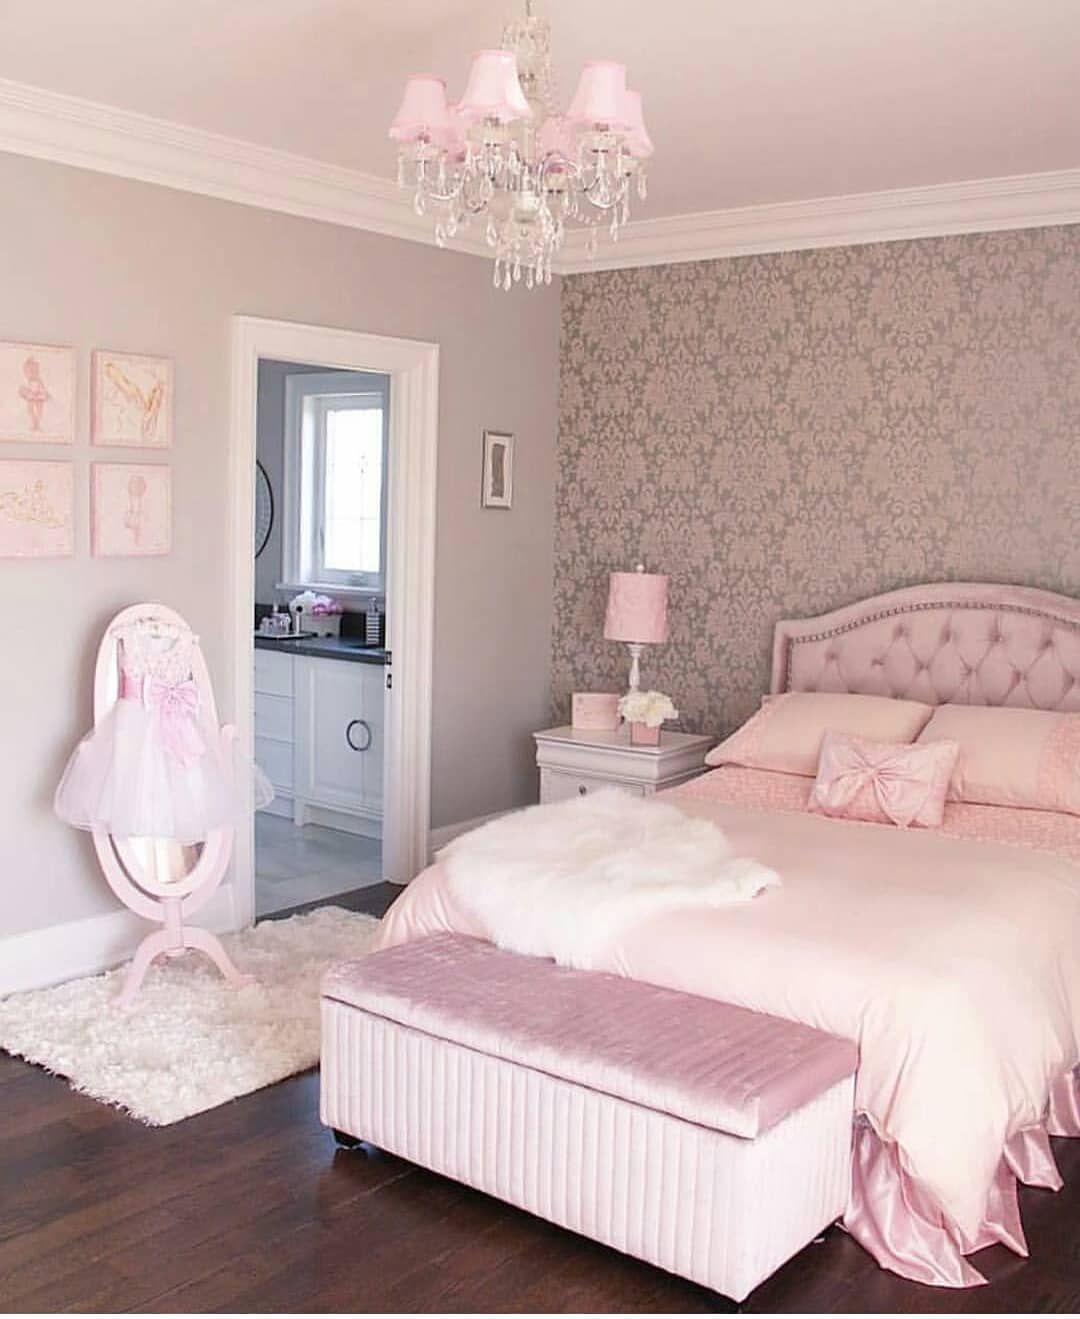 Gutschrift Bedroomdesigns Bedroom Interior123 Interior4you1